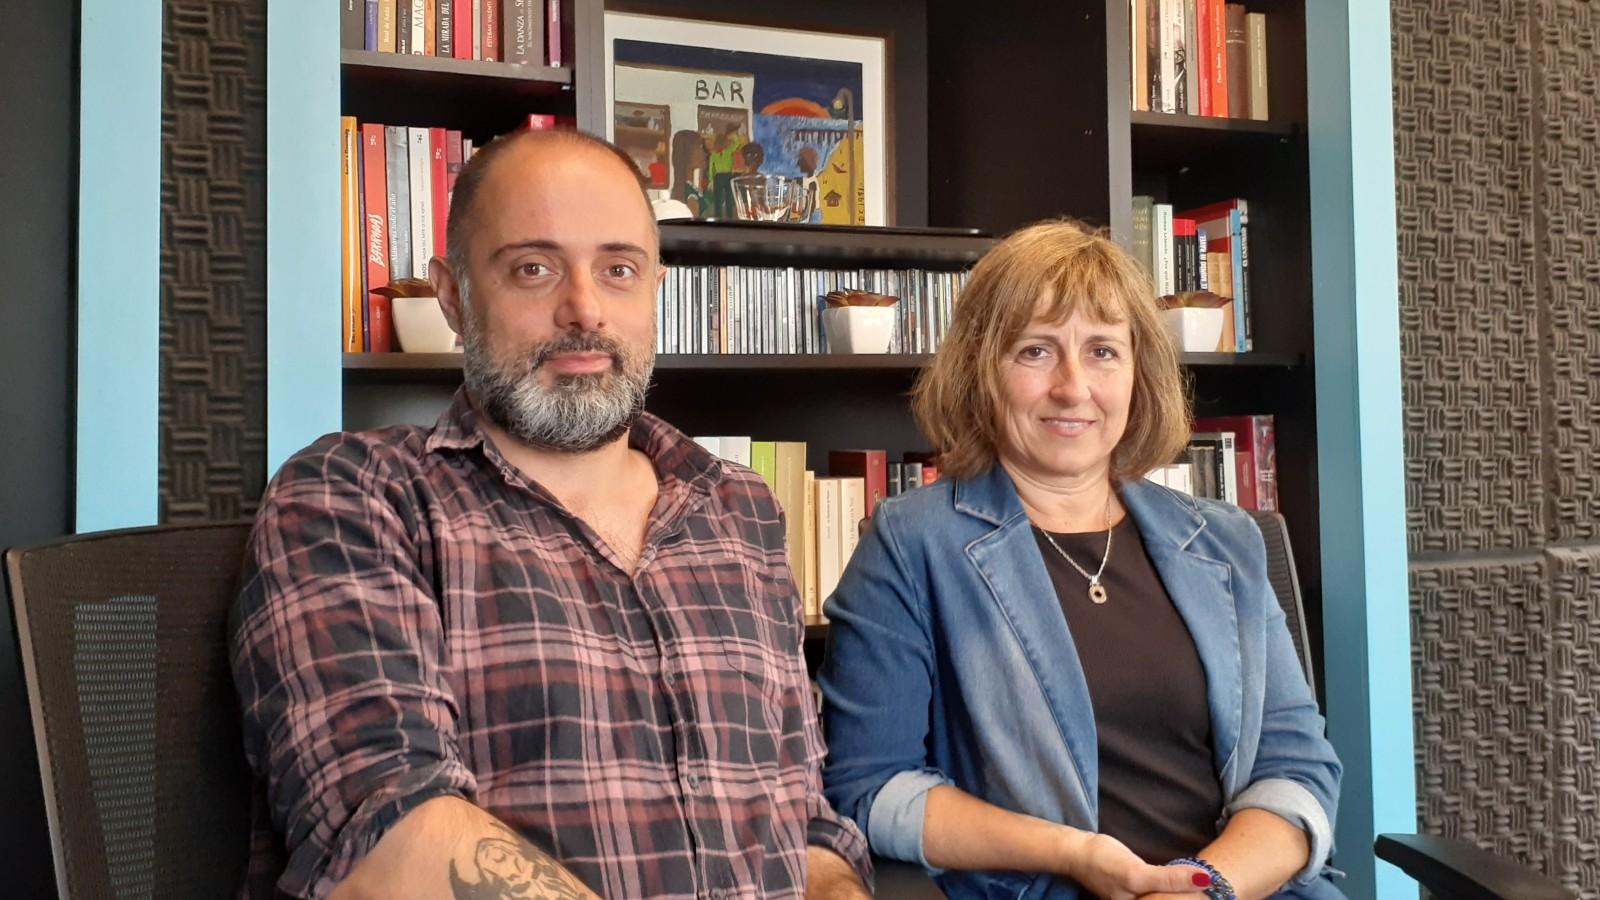 Mercedes Estramil y Ramiro Sanchiz visitaron Oír con los ojos